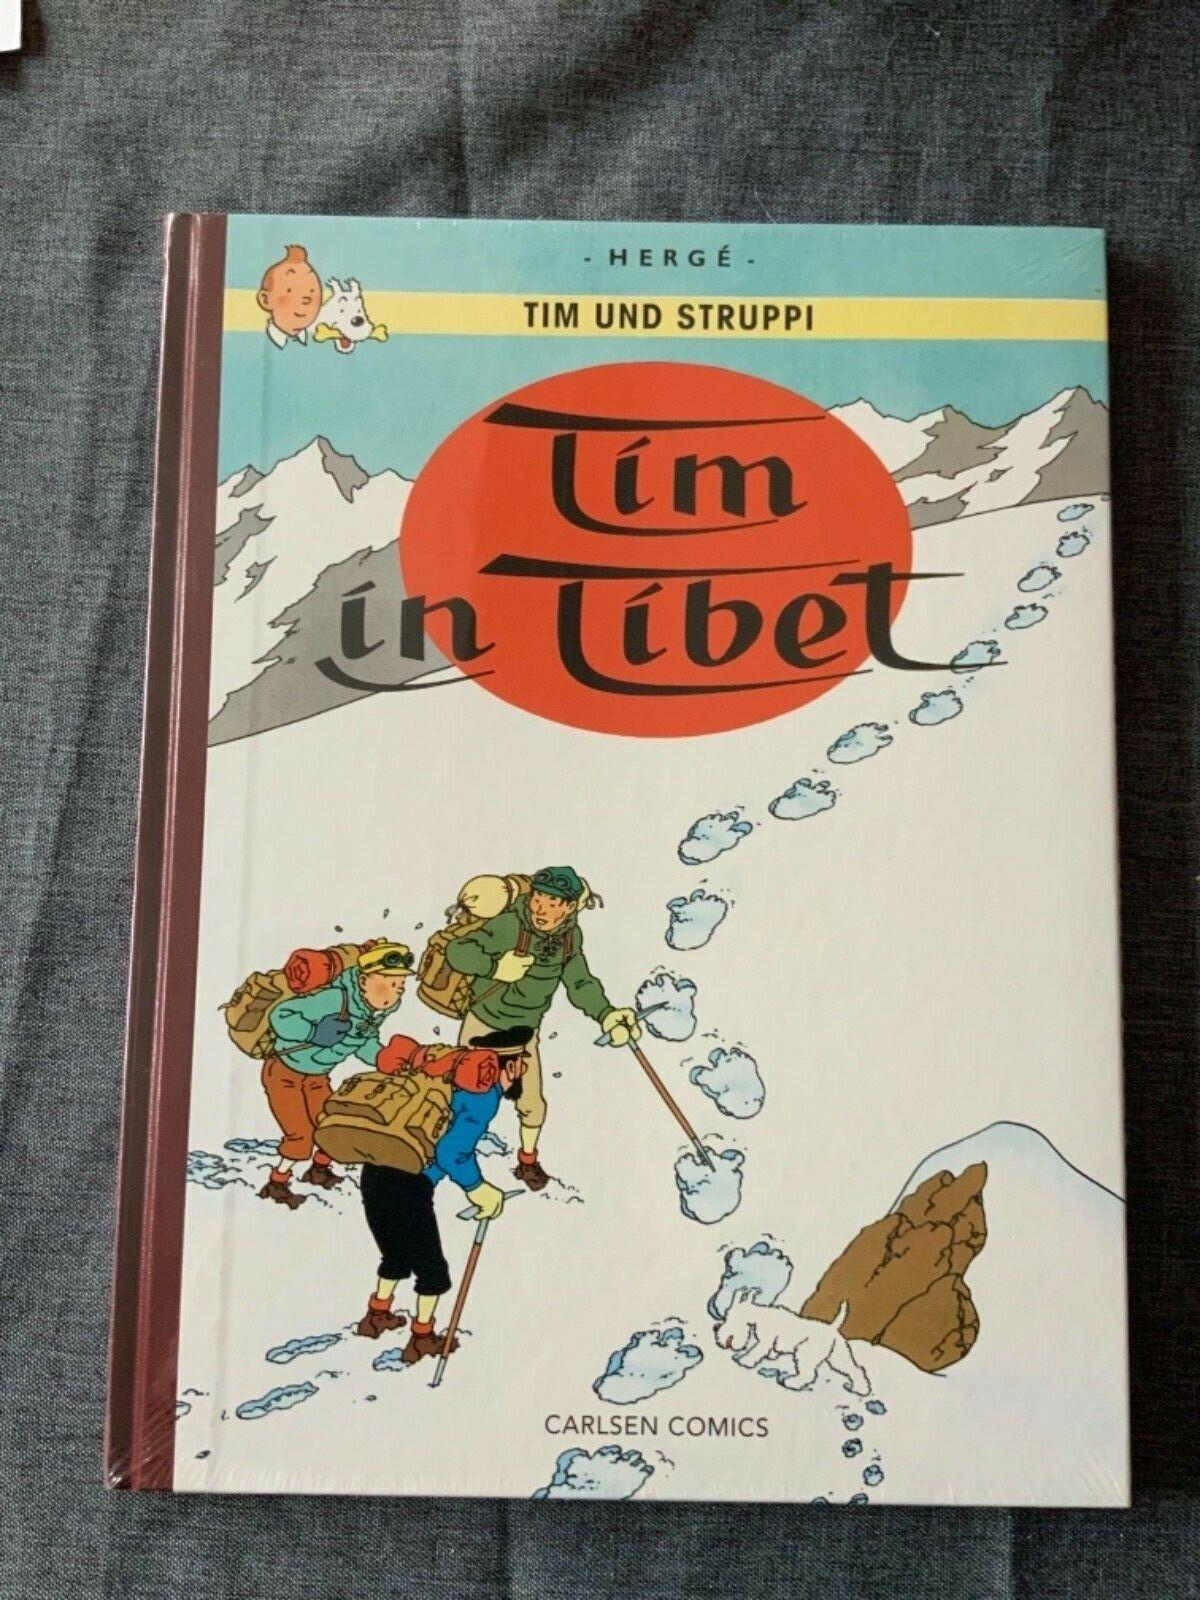 Tim und Struppi Farbfaksimile 19 Tim in Tibet G. Remi Herge Tintin Ligne claire